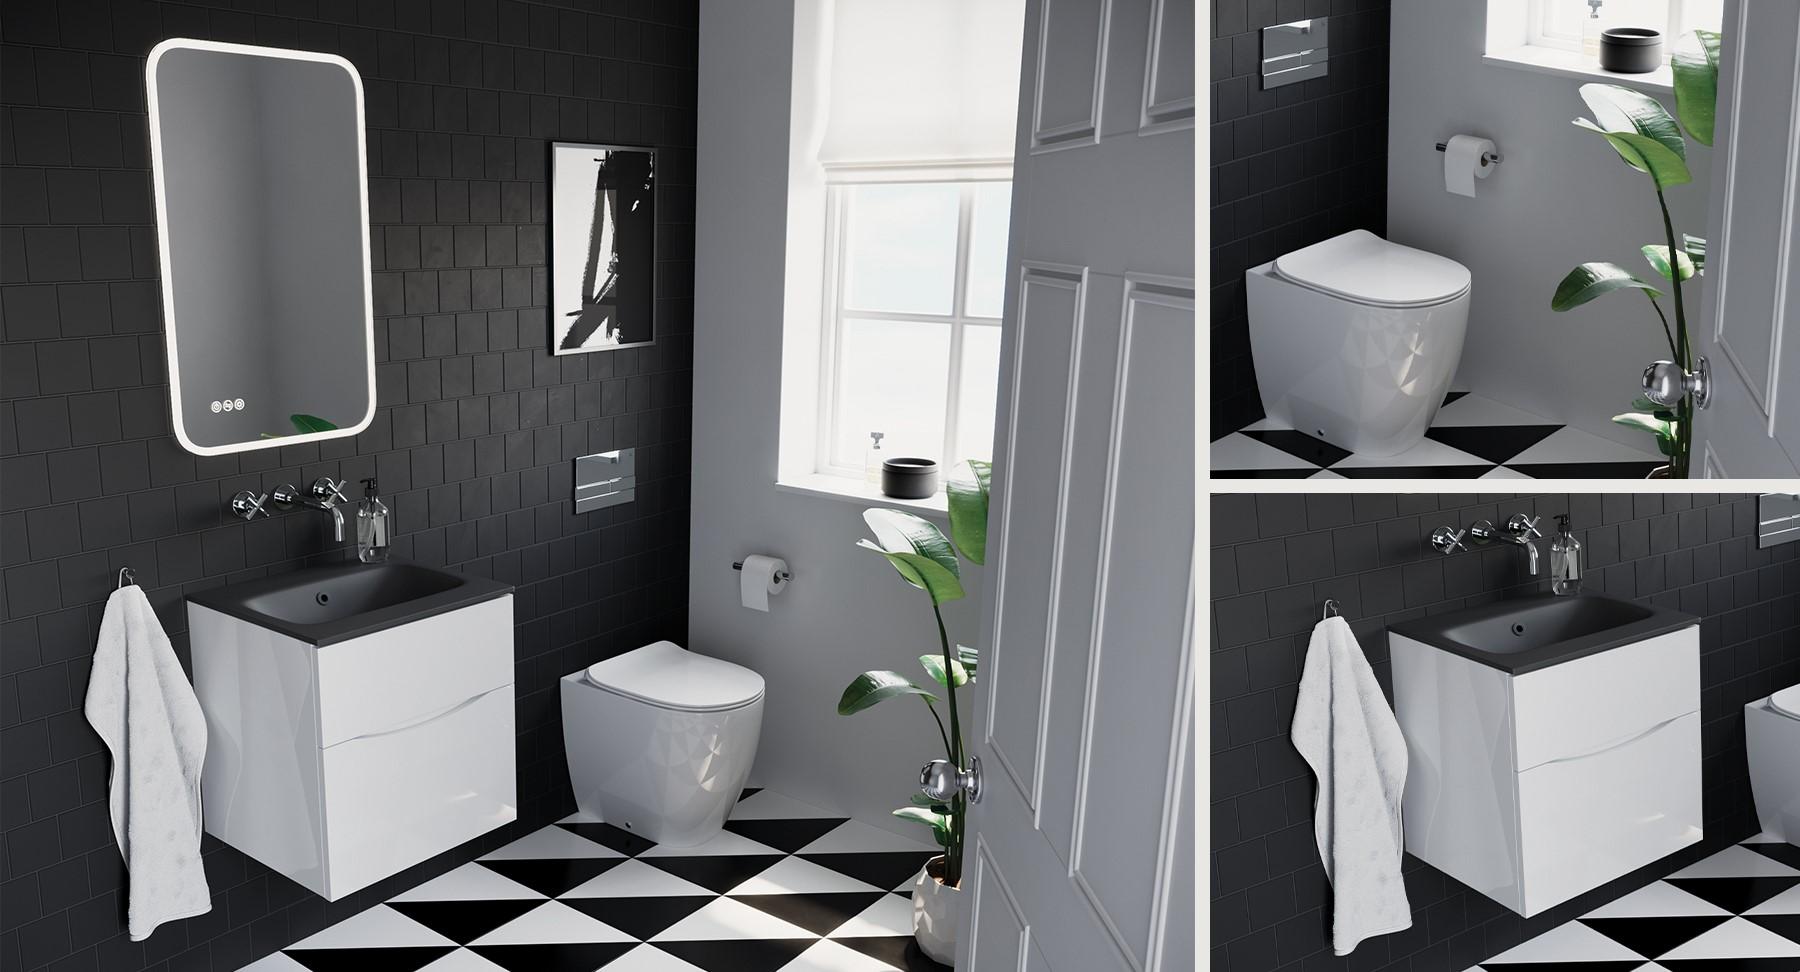 Monochrome Modern Cloakroom